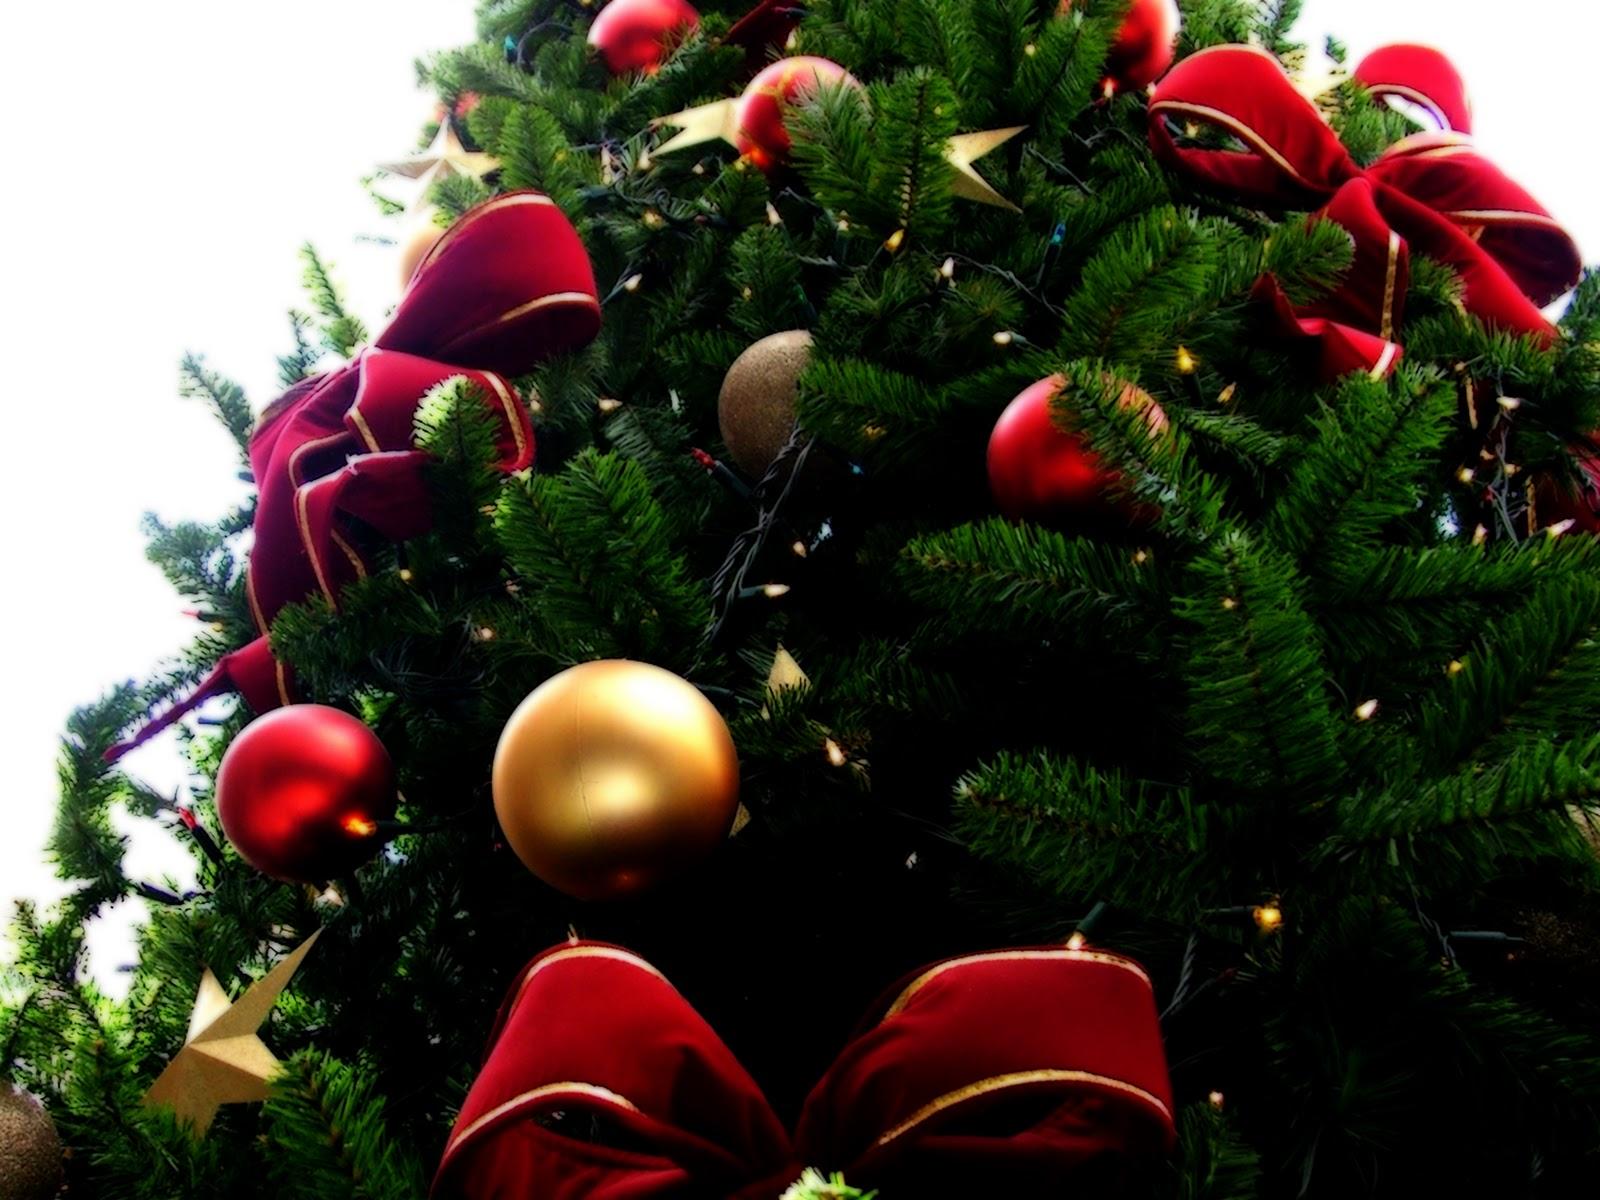 Imagenes de un arbolito de navidad - Imagenes arbol de navidad ...